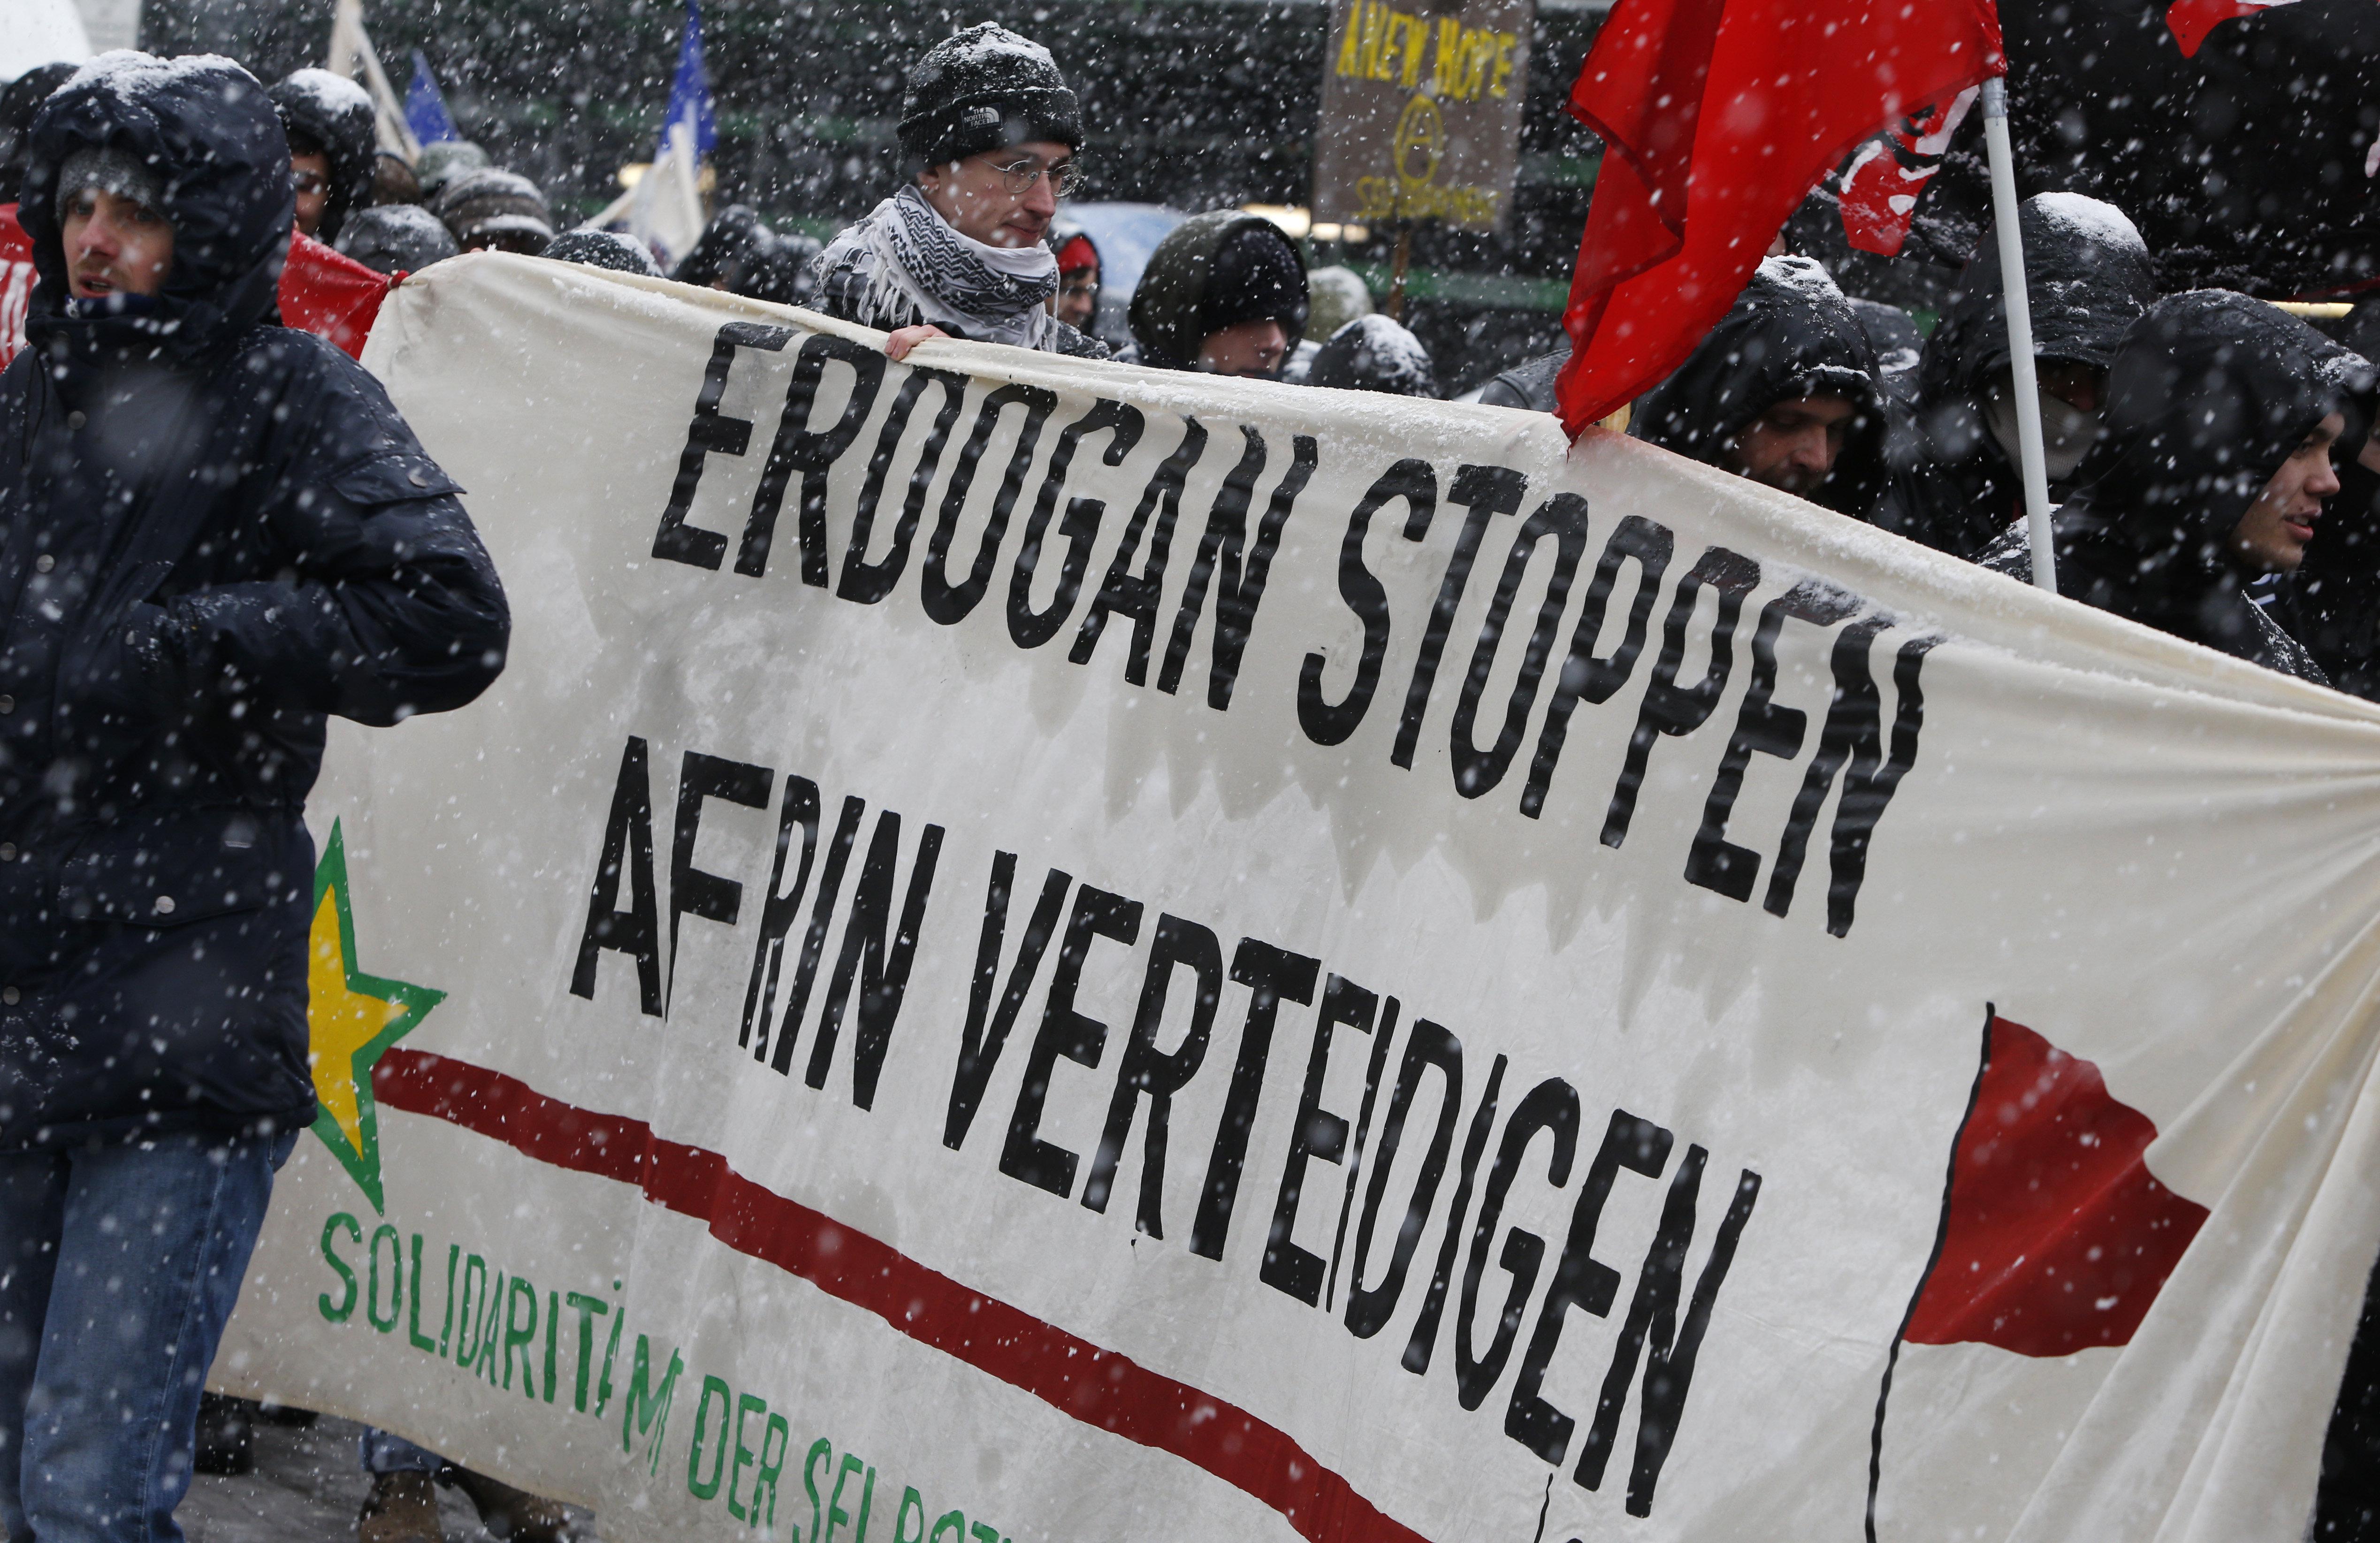 Καταιγισμός απειλών στον πρωθυπουργό του γερμανικού κρατιδίου της Θουριγγίας μετά την έκφραση στήριξης στους Κούρδους του